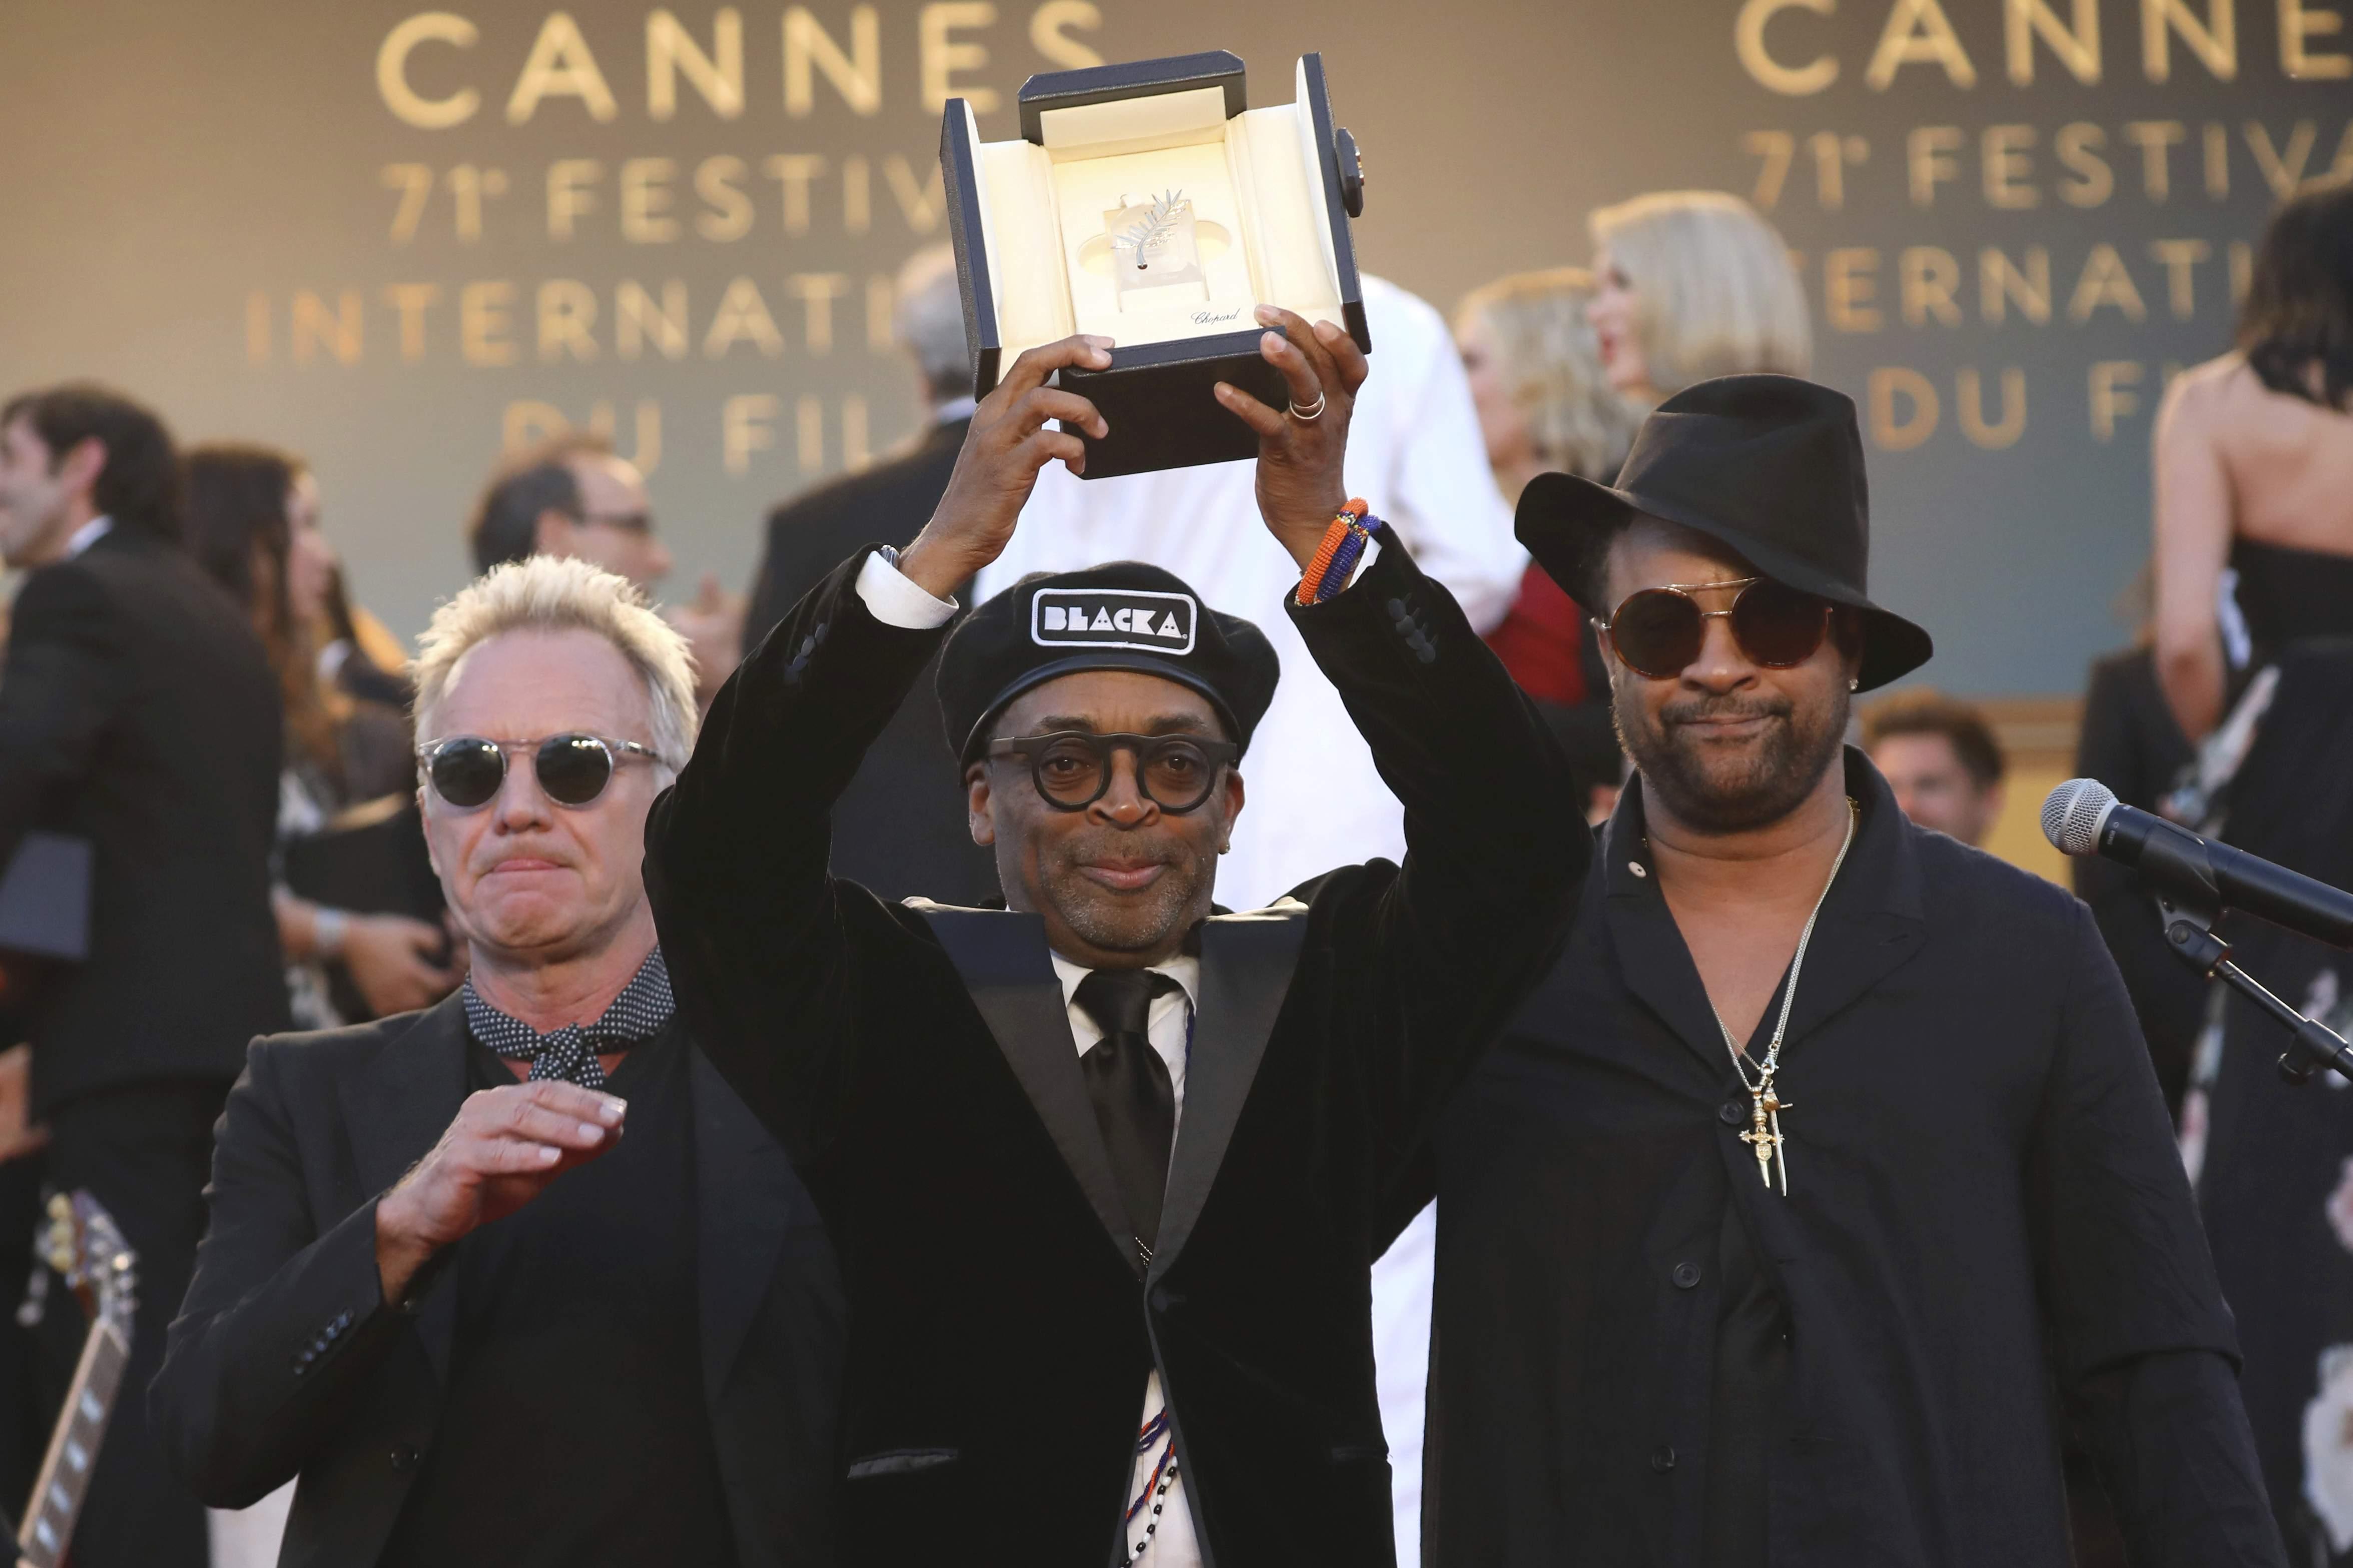 Giải thưởng Grand Prix (Giải thưởng lớn) năm nay thuộc về bộ phim  BlacKkKlansman của đạo diễn Spike Lee. Tác phẩm điện ảnh này nói về một cảnh sát điều tra Mỹ gốc Phi ở thành phố Colorado Springs được giao nhiệm vụ xâm nhập vào một chi nhánh của tổ chức bài da đen Ku Klux Klan.